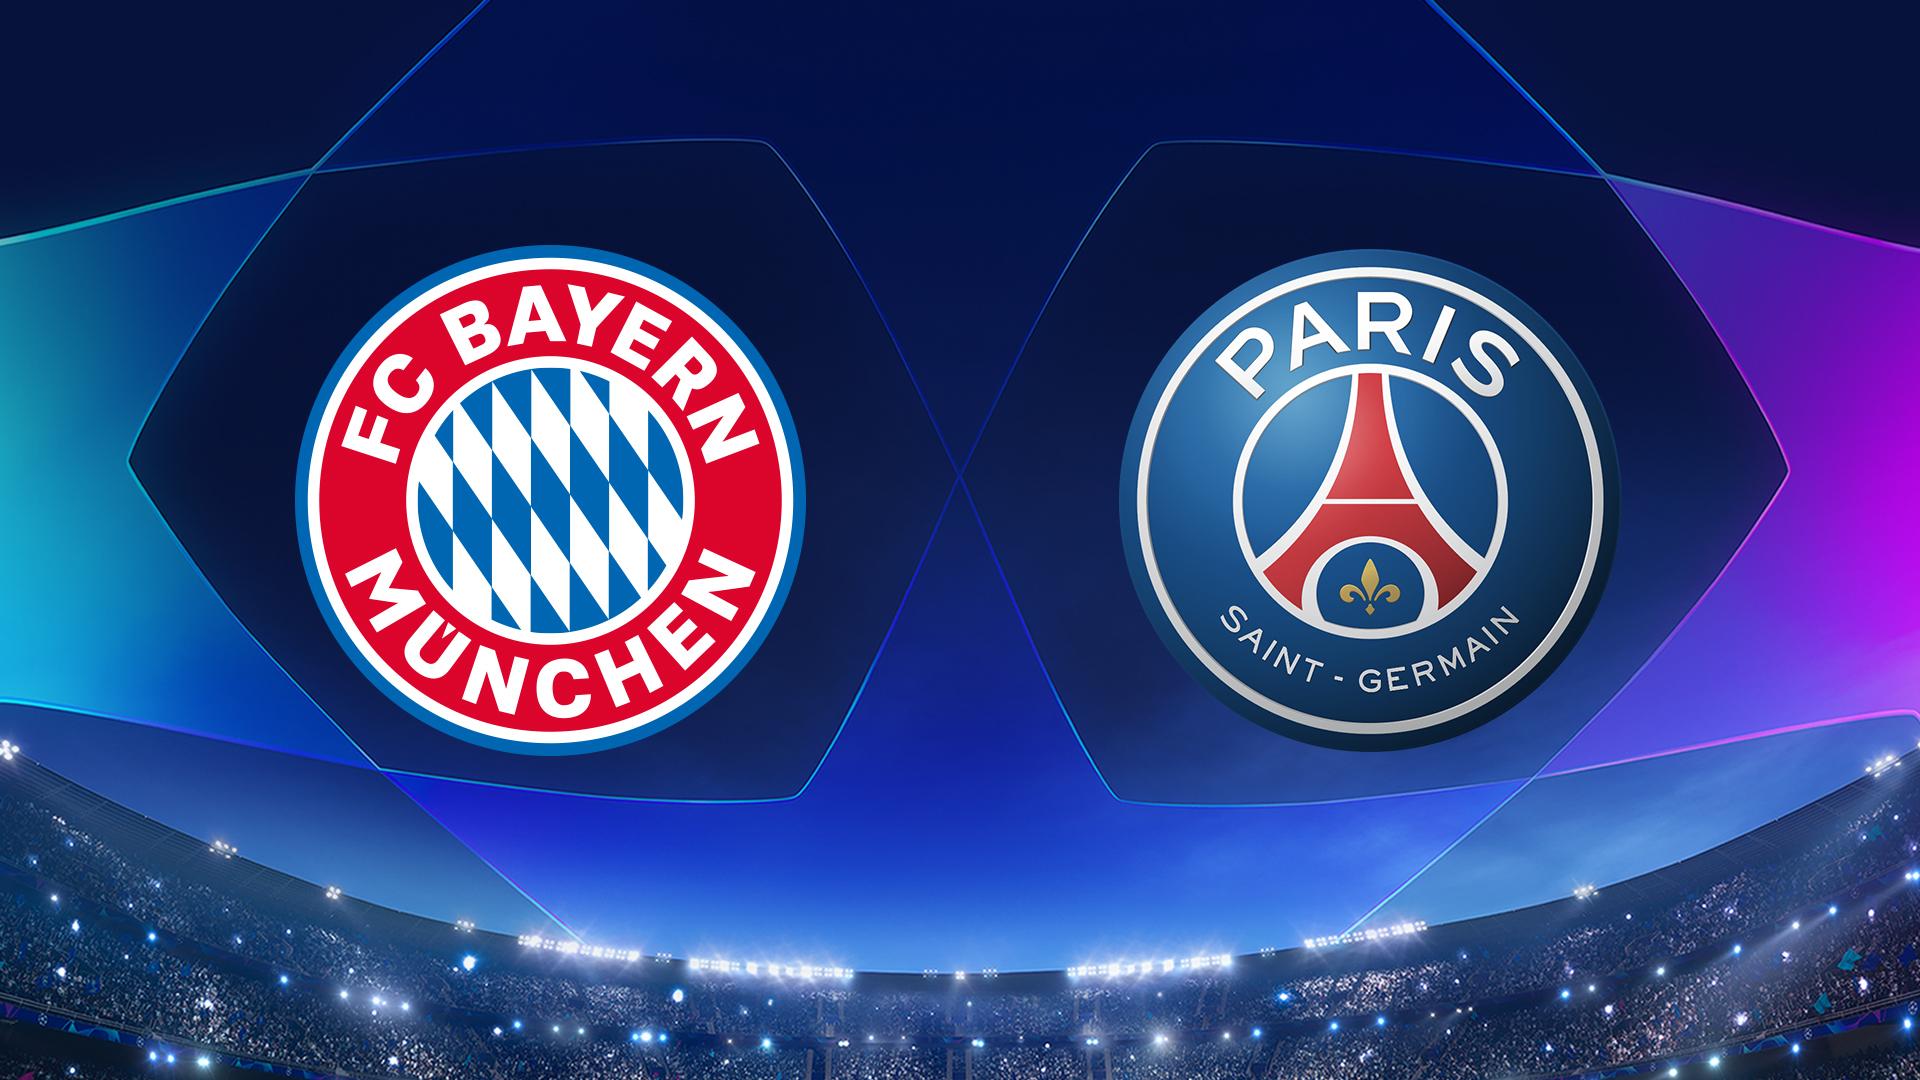 دليلك الشامل لمباراة باريس سان جيرمان ضد بايرن ميونخ اليوم في قمة دوري أبطال أوروبا